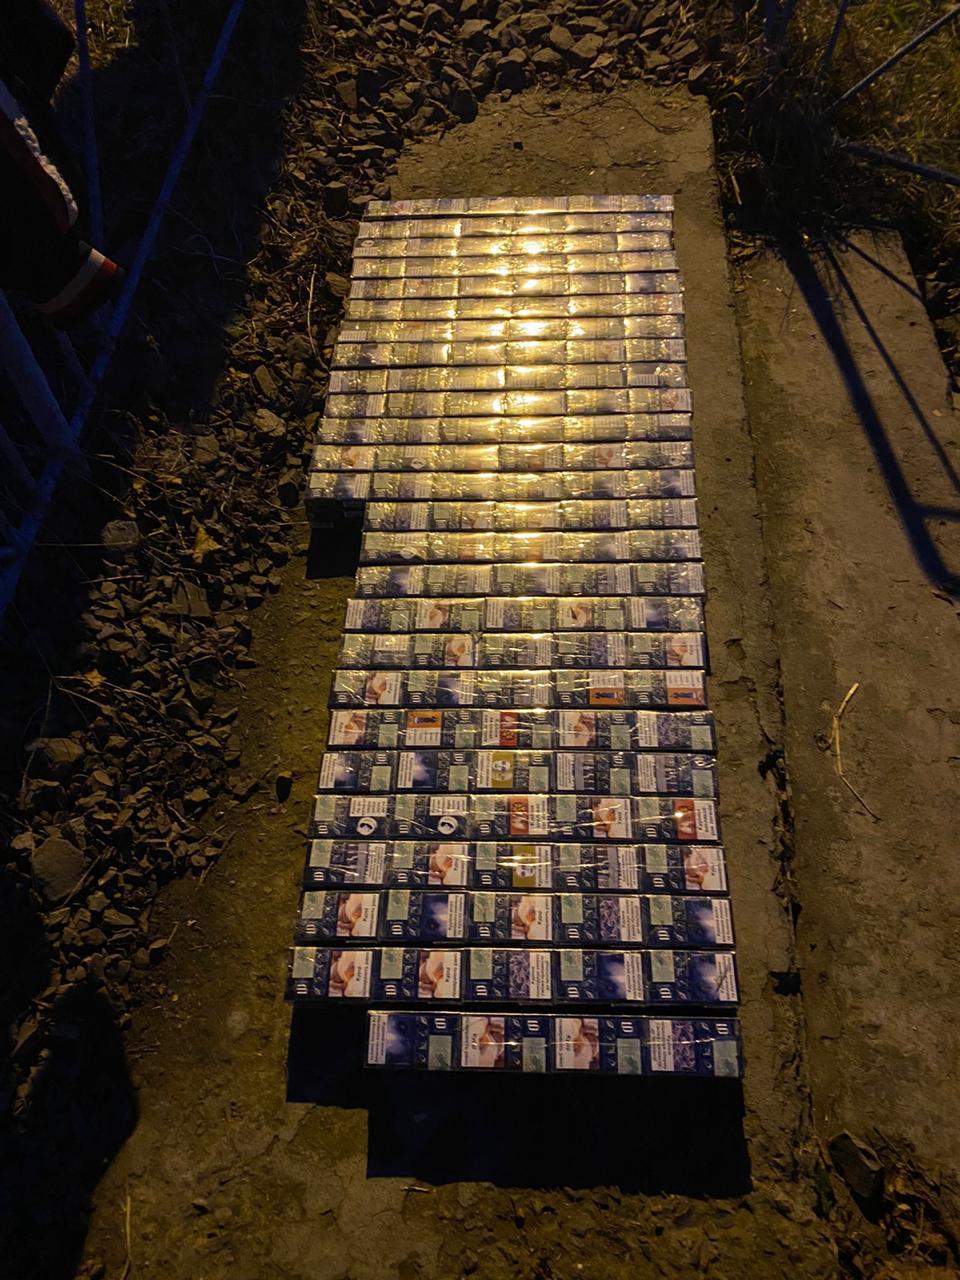 Чергову спробу незаконного  переміщення тютюнових виробів через кордон попередили сьогодні військовослужбовці відділу «Соломоново» у залізничному пункті пропуску «Чоп (Дружба)».